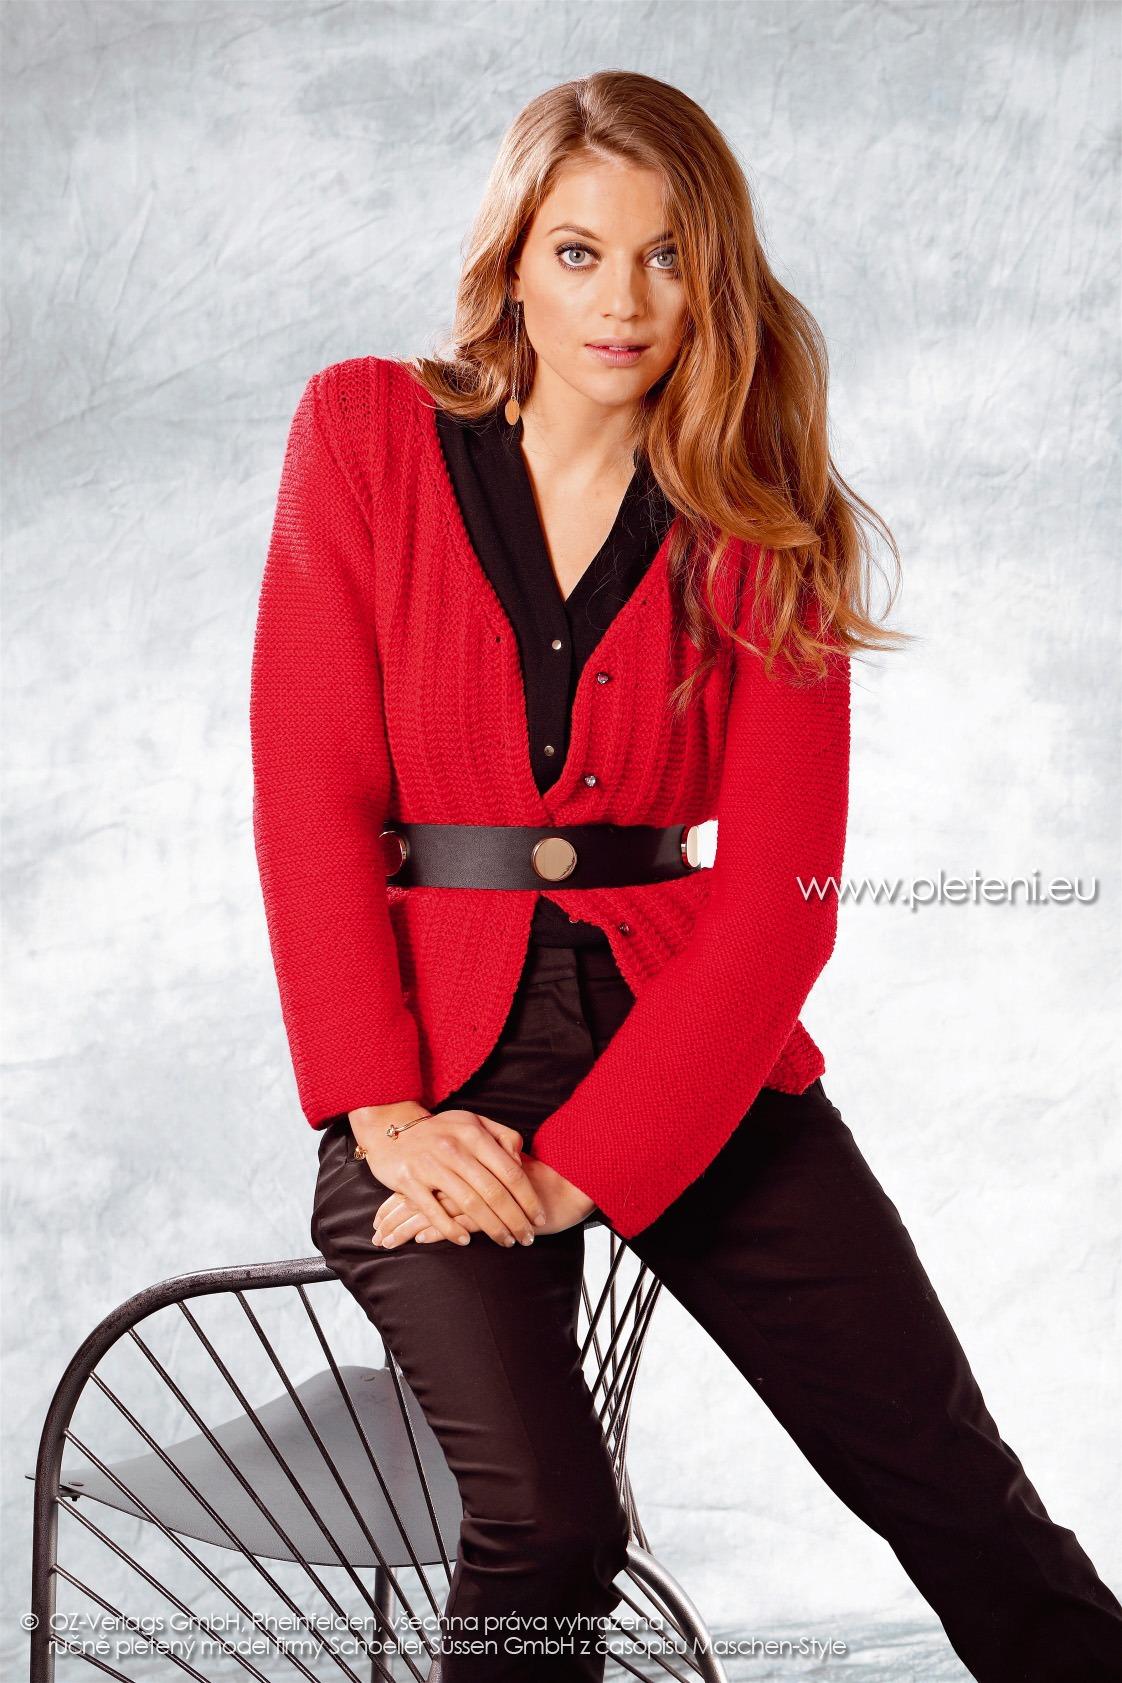 2017-2018 model 59 dámský pletený kabátek z příze Allround firmy Schoeller